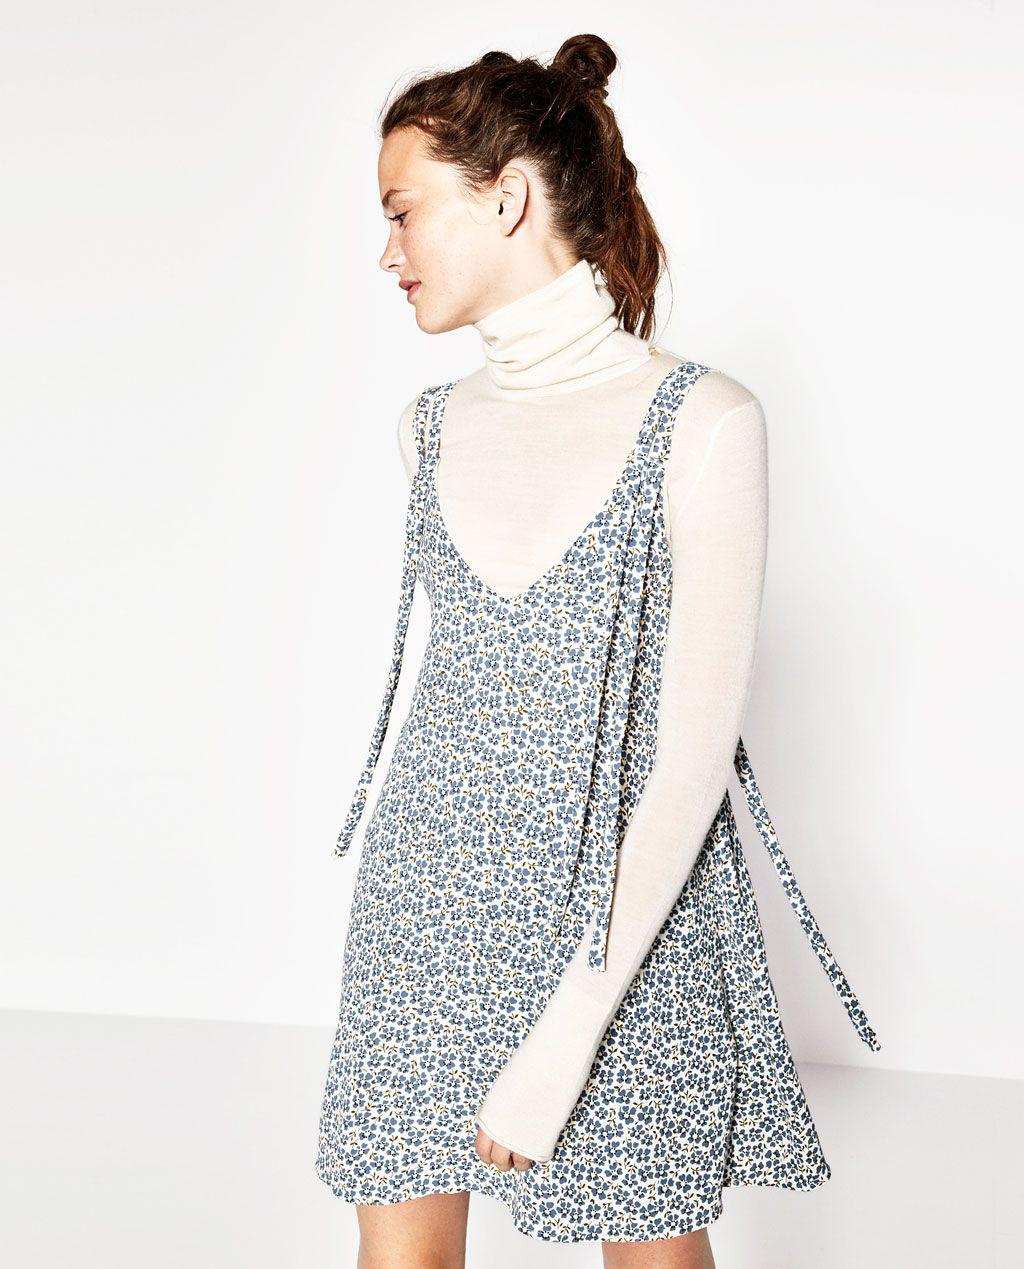 ZARA - WOMAN - DOUBLE STRAP WRAP DRESS